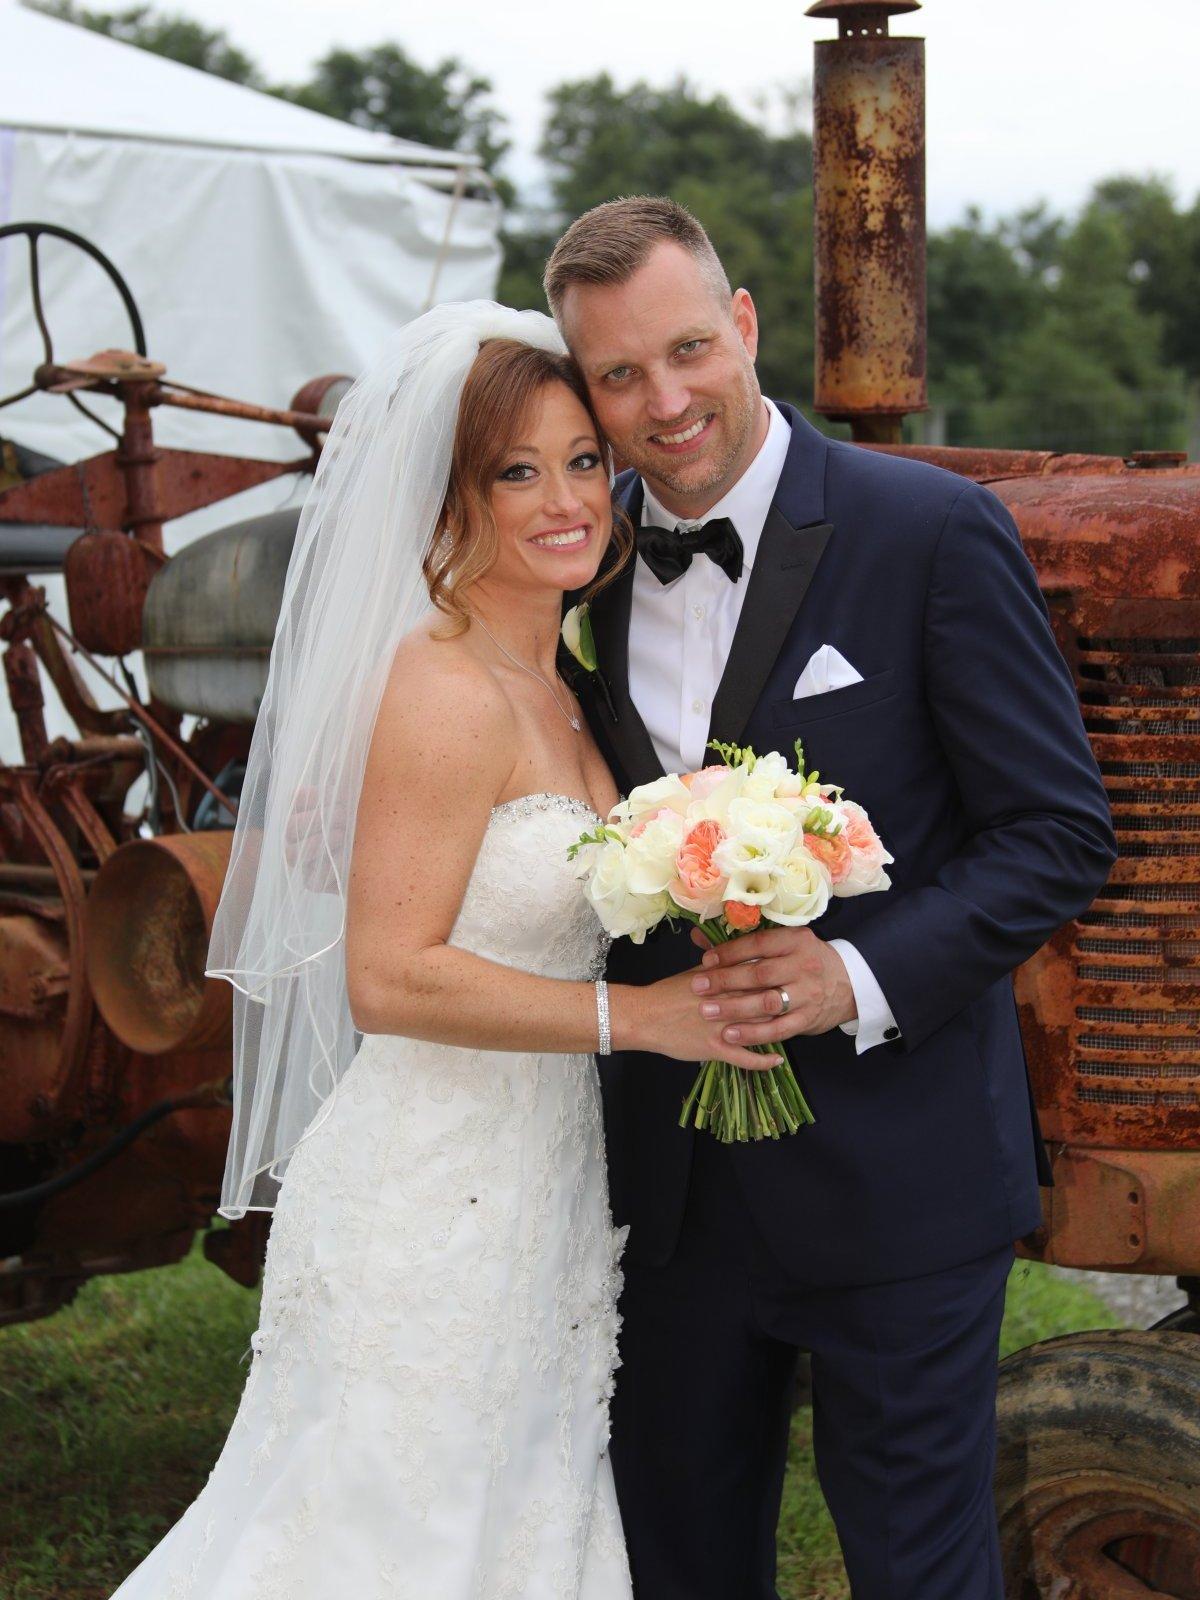 AJ Vollmoeller and Stephanie Sersen